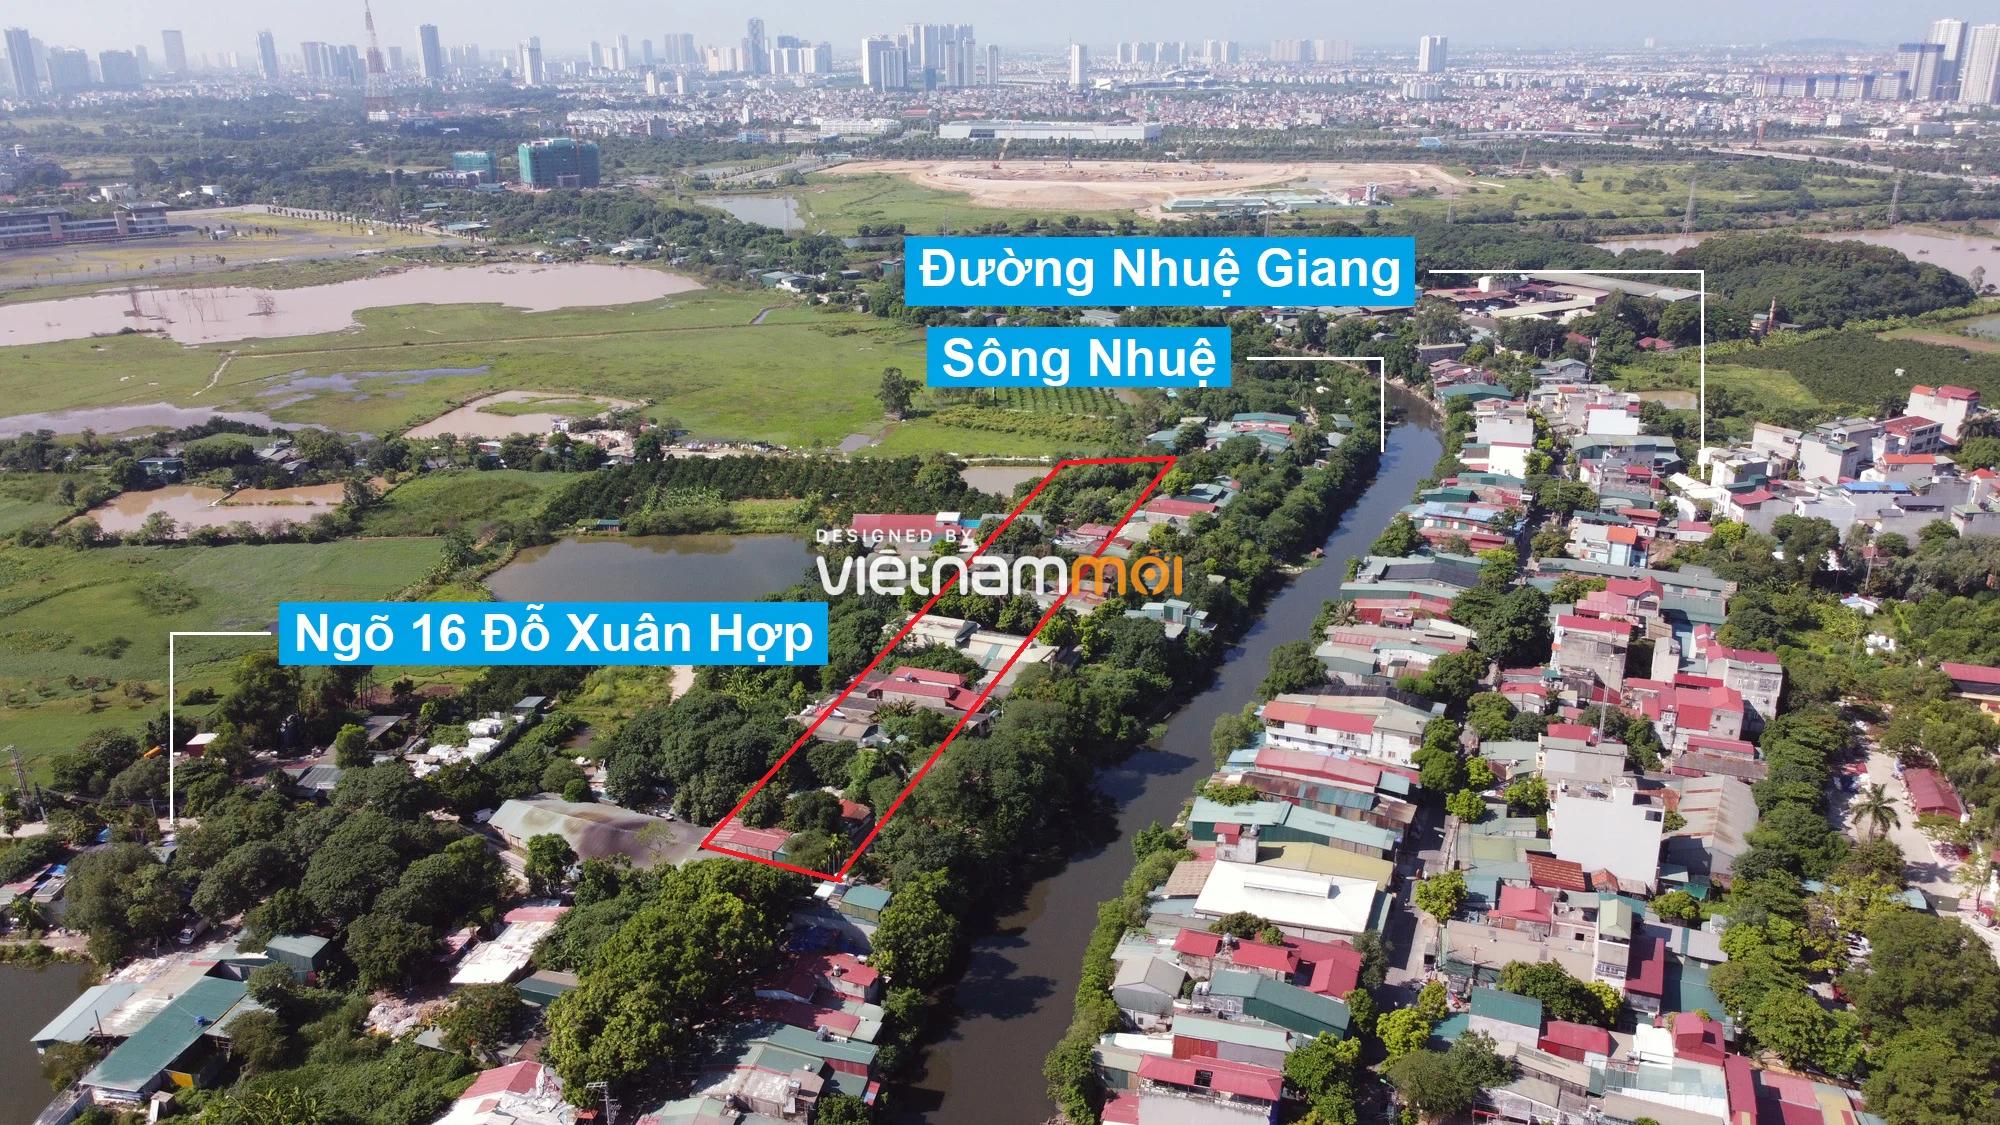 Những khu đất sắp thu hồi để mở đường ở phường Mỹ Đình 1, Nam Từ Liêm, Hà Nội (phần 1) - Ảnh 10.